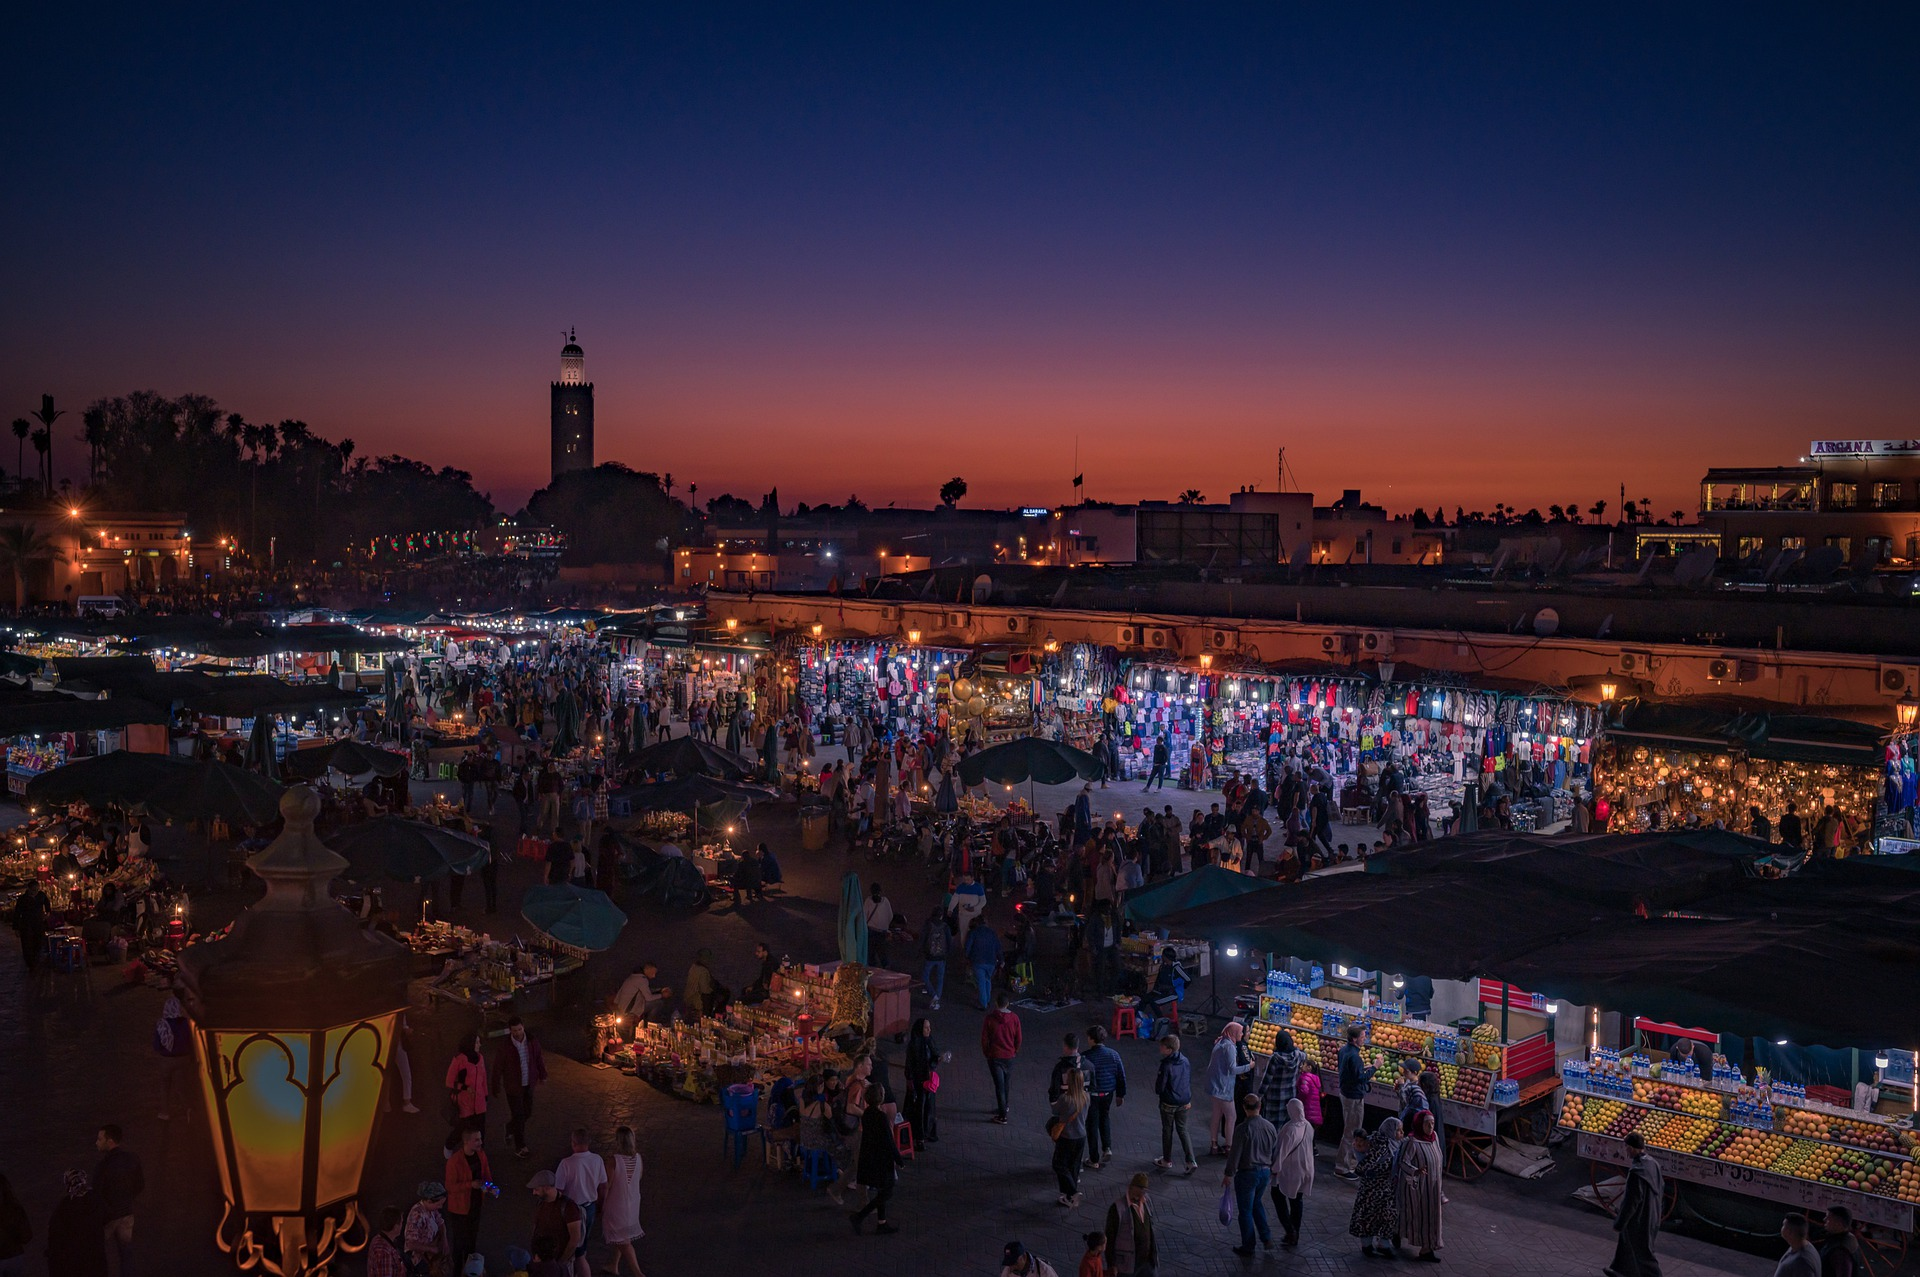 Djemma Al Fna Marrakech